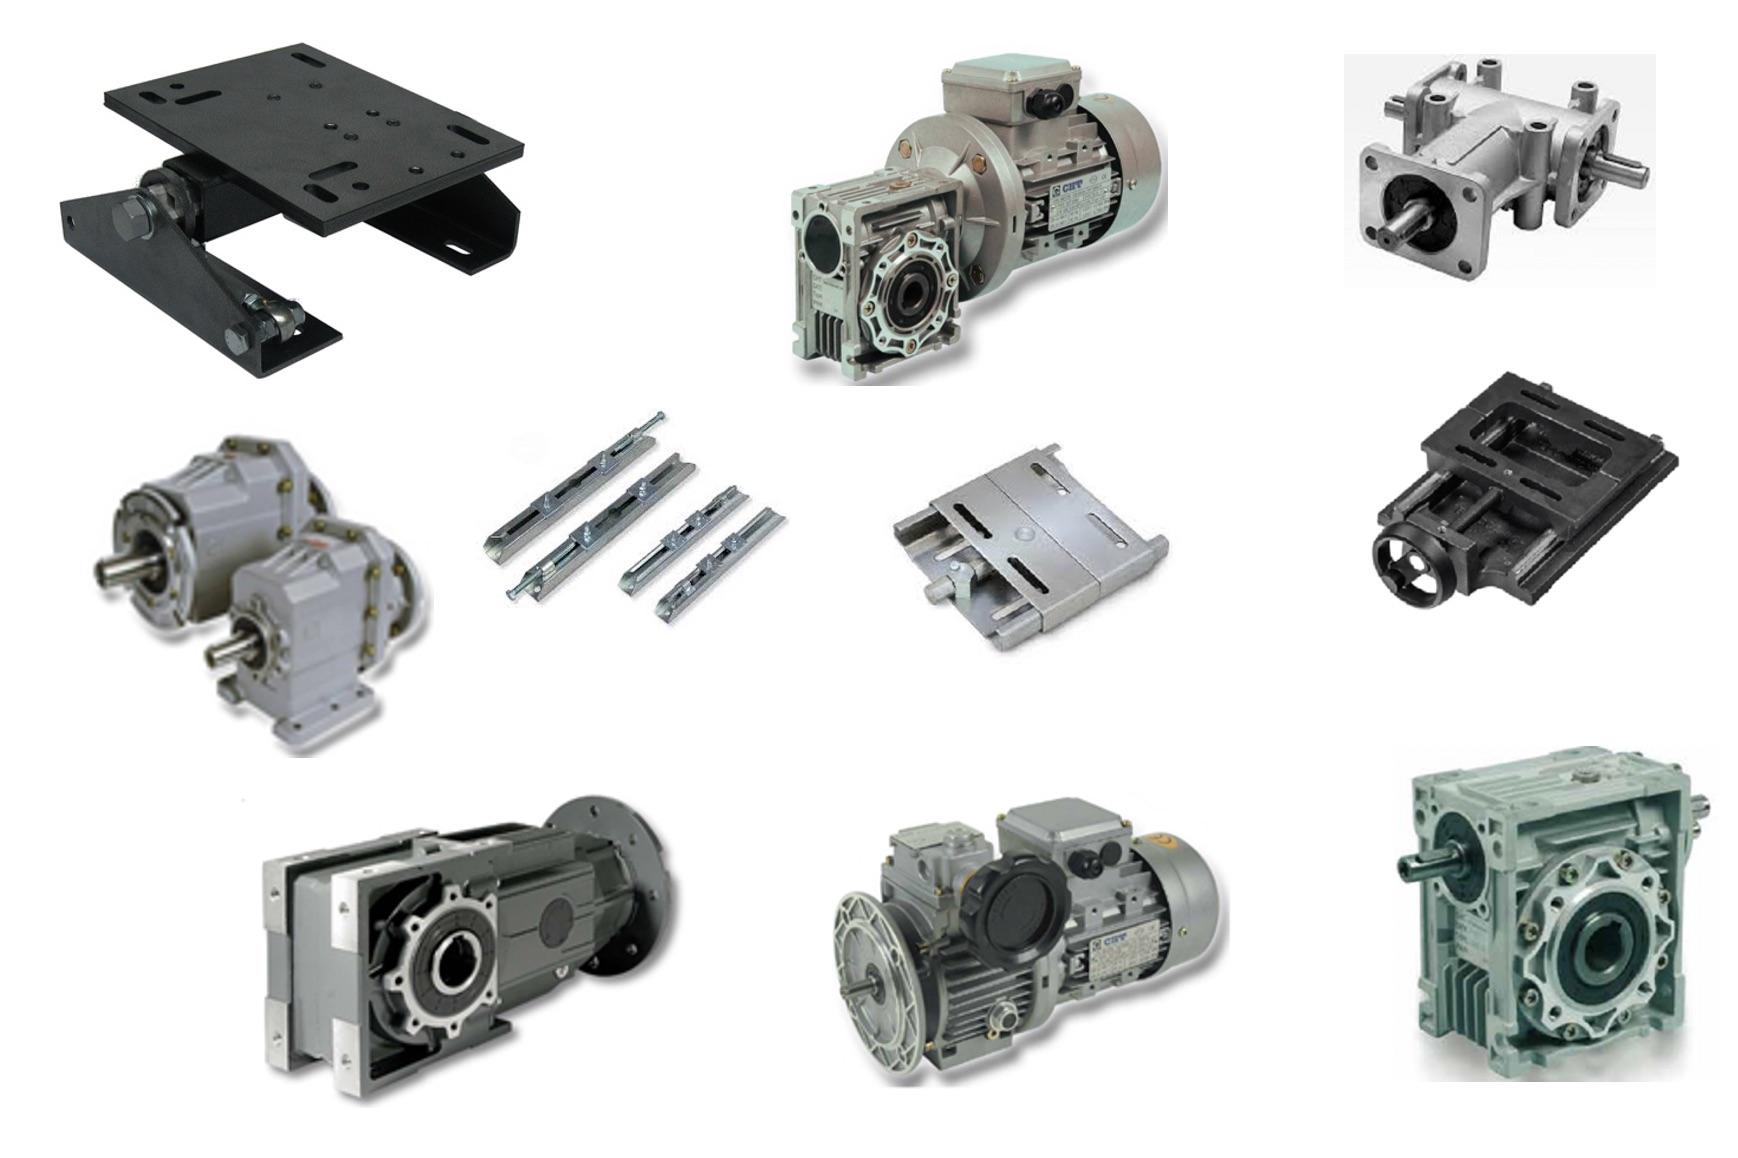 3Transmissions | Réducteurs roues et vis sans fin, Réducteurs mécaniques, Boite de vitesse